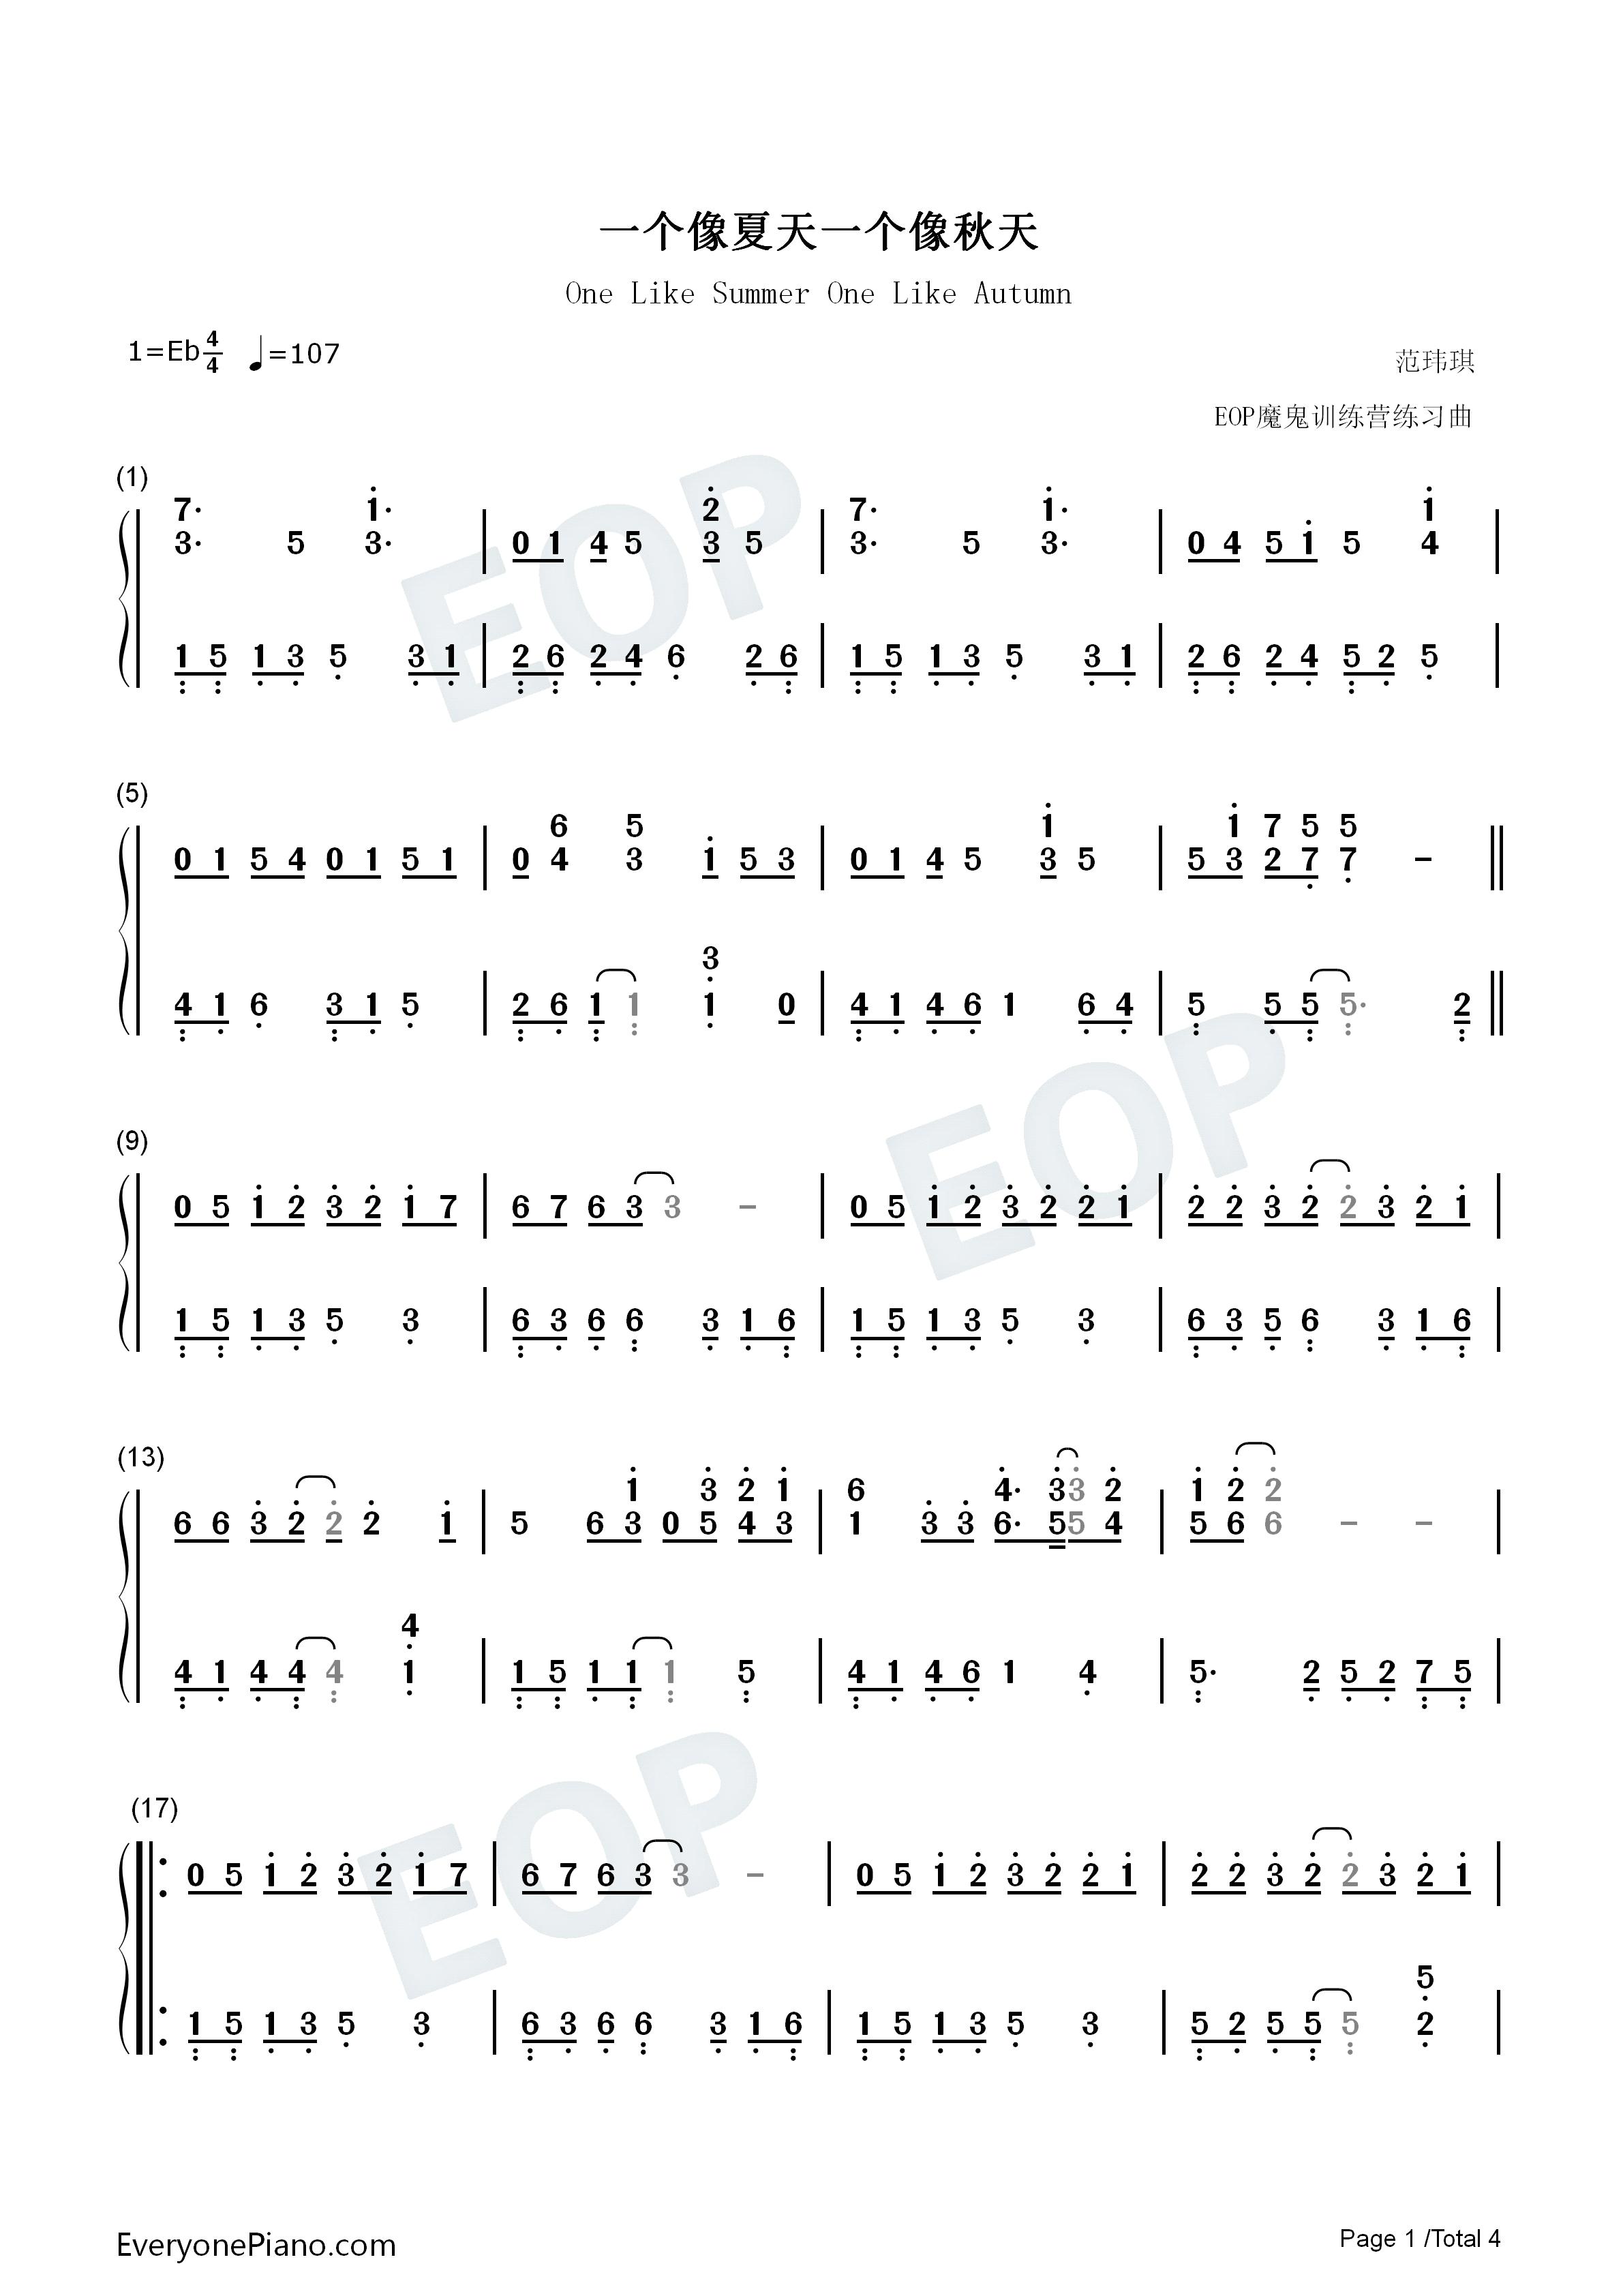 一个像夏天一个像秋天-范玮琪双手简谱预览1-钢琴谱